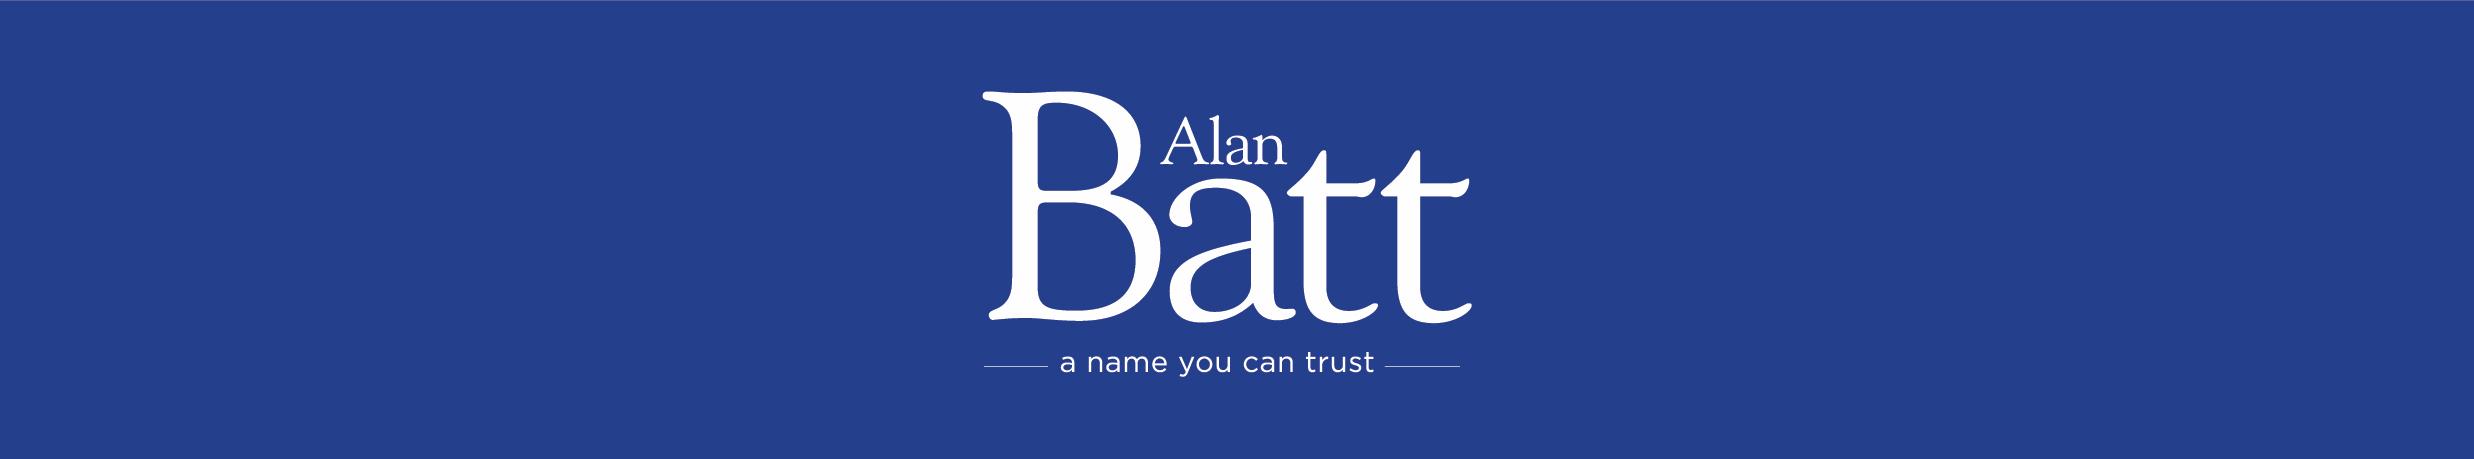 Alan Batt - Wigan